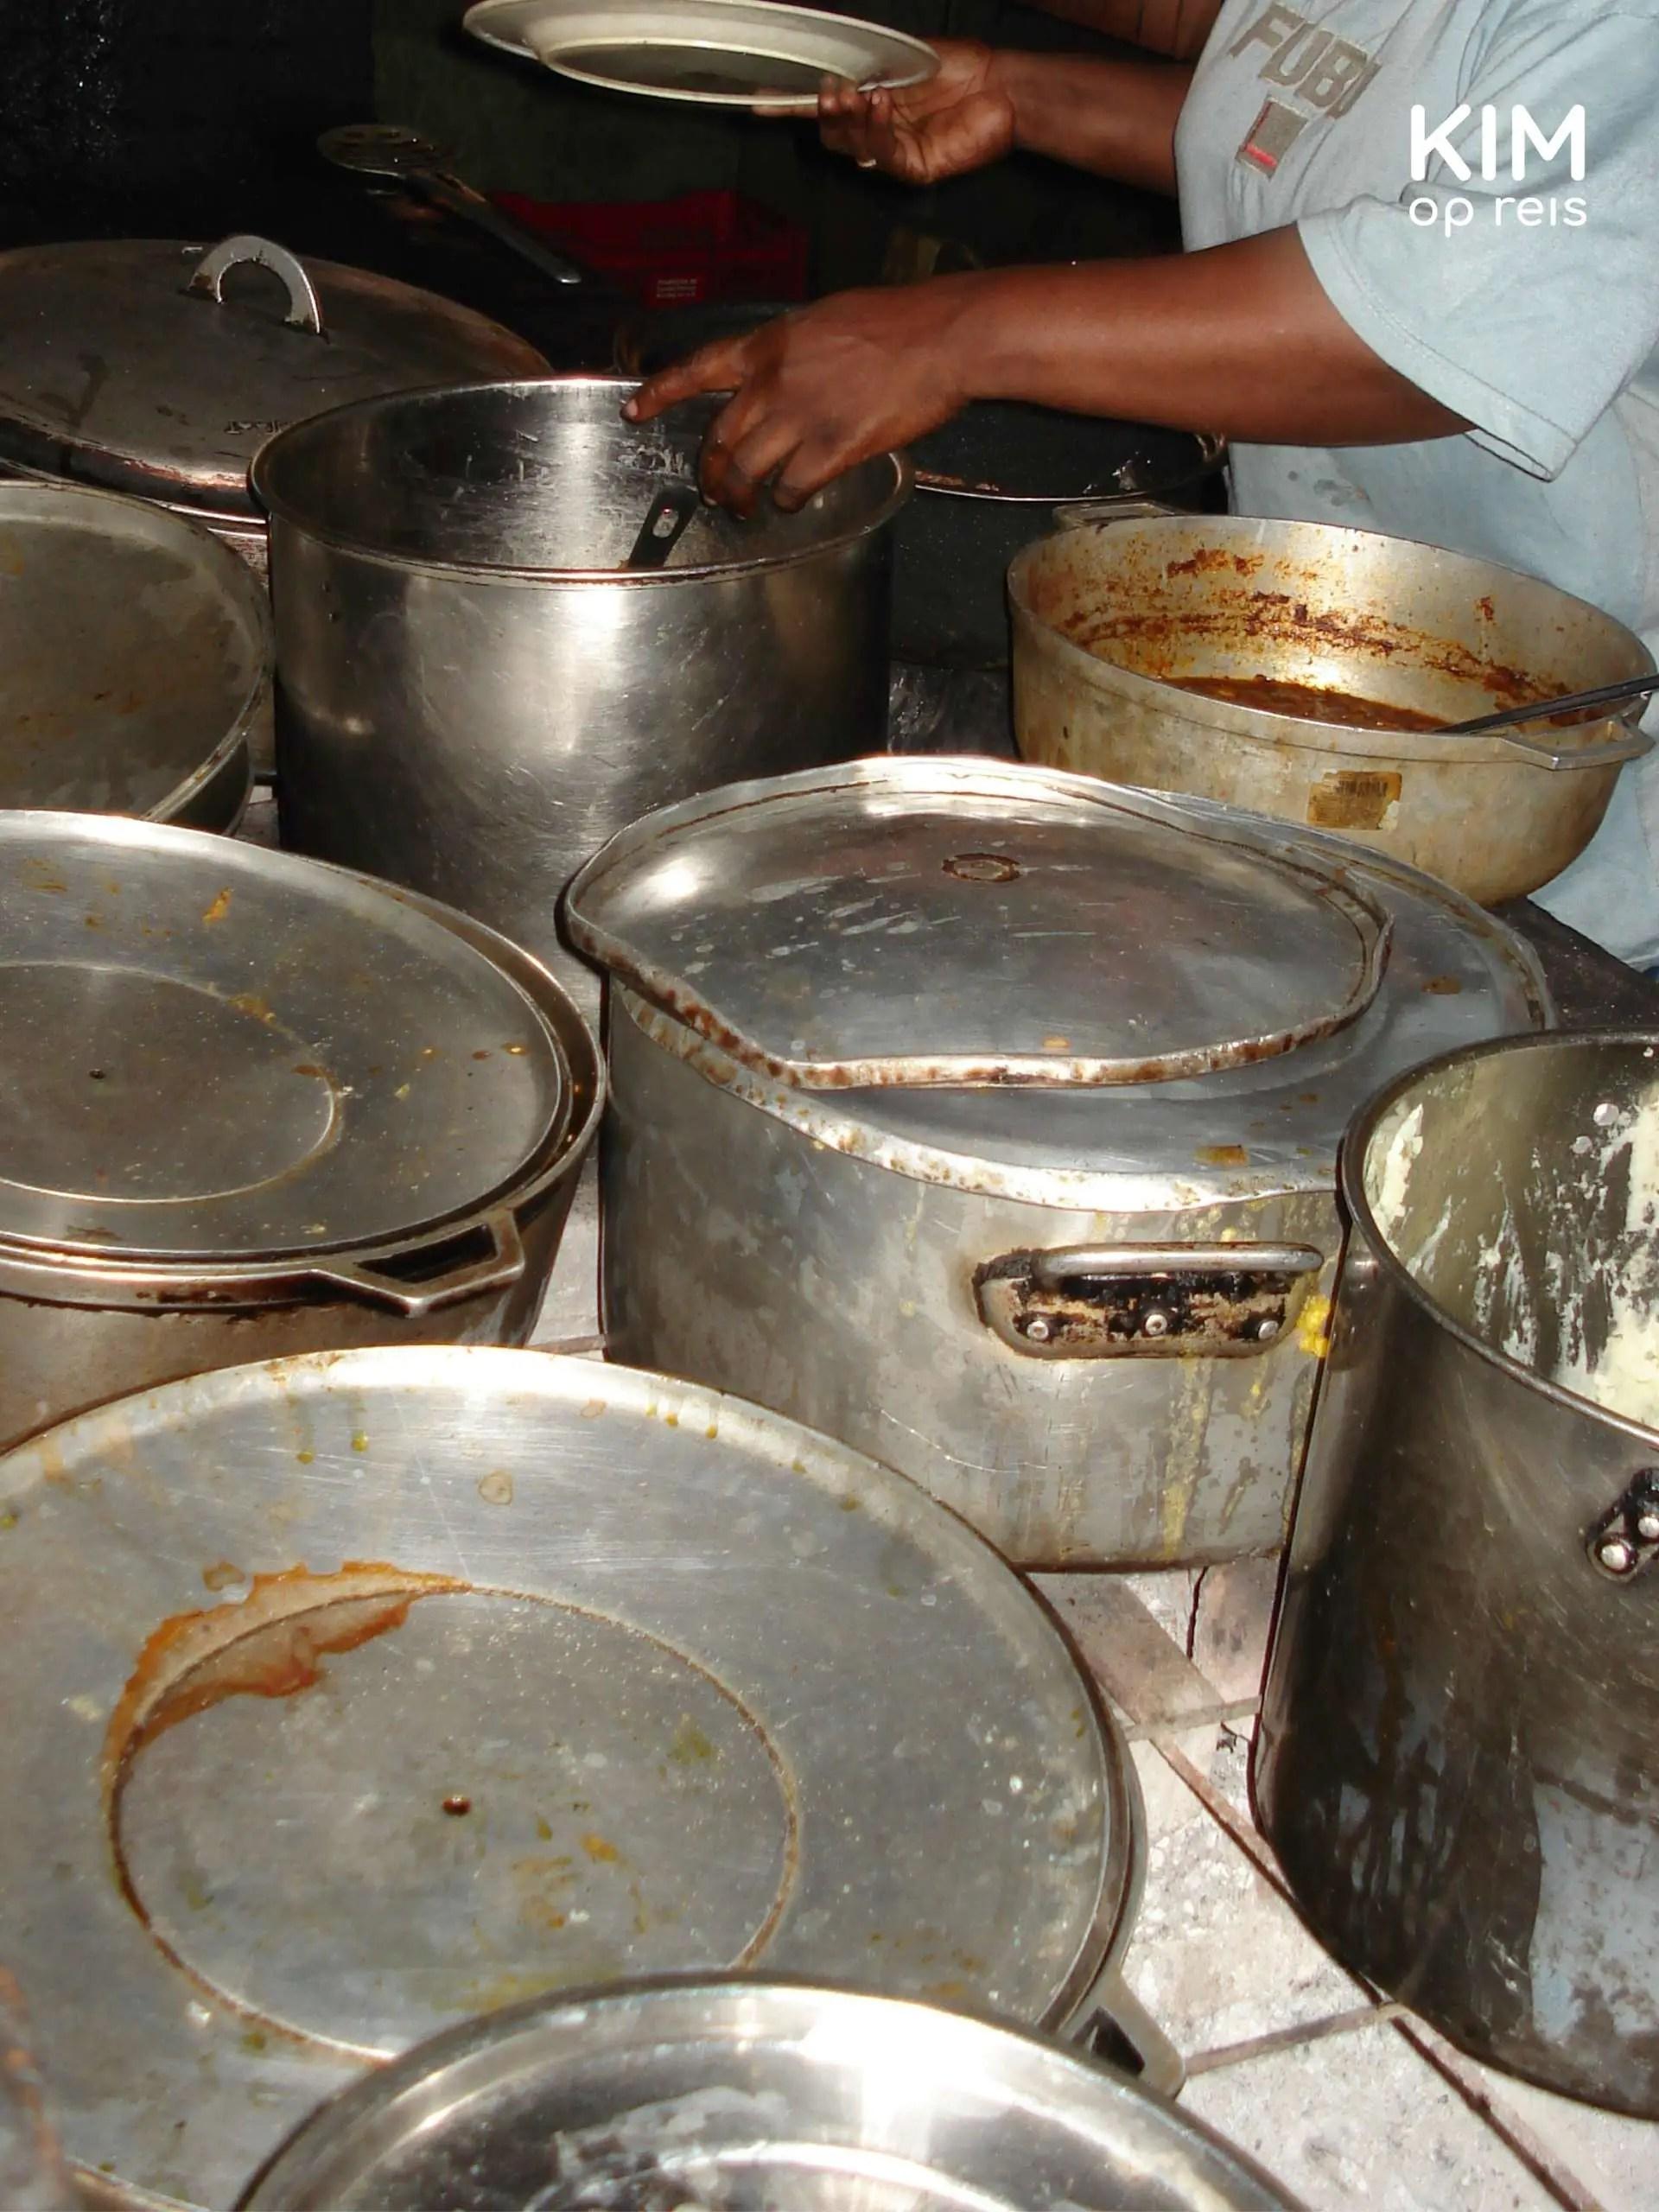 Plasa Bieu Curacao 2006: vieze pannen op een tafel